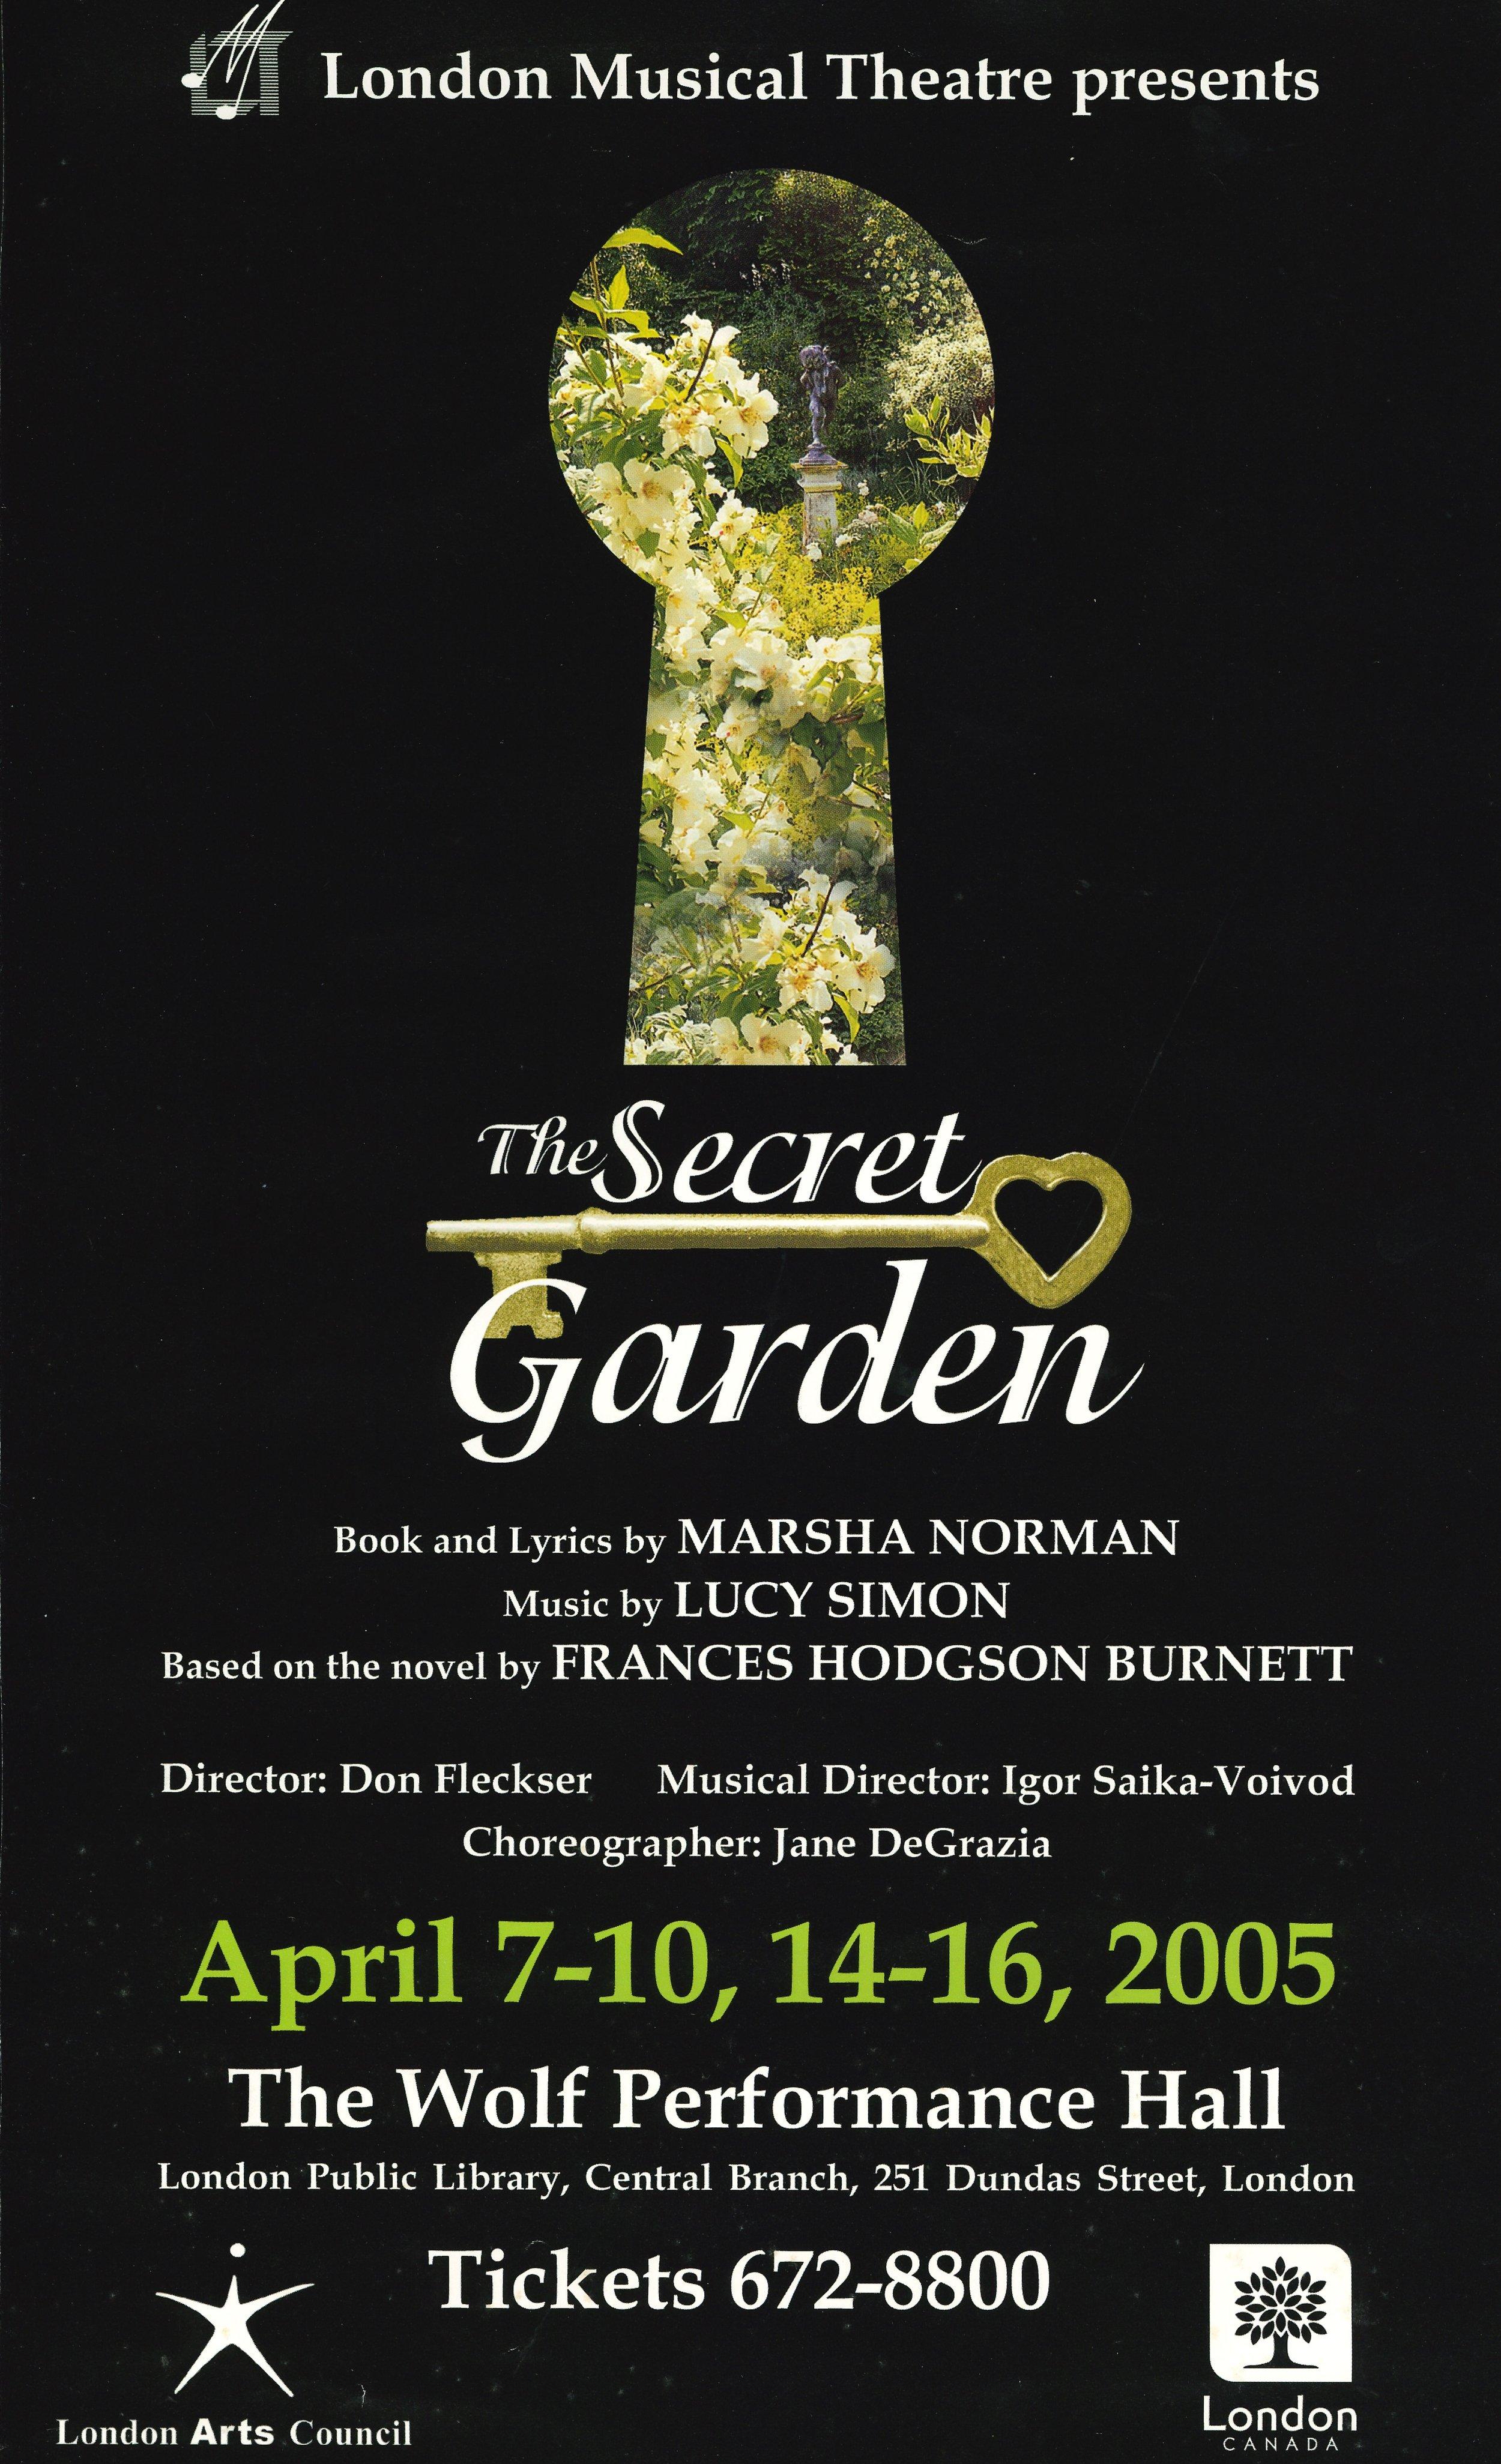 secret garden_0001.jpg